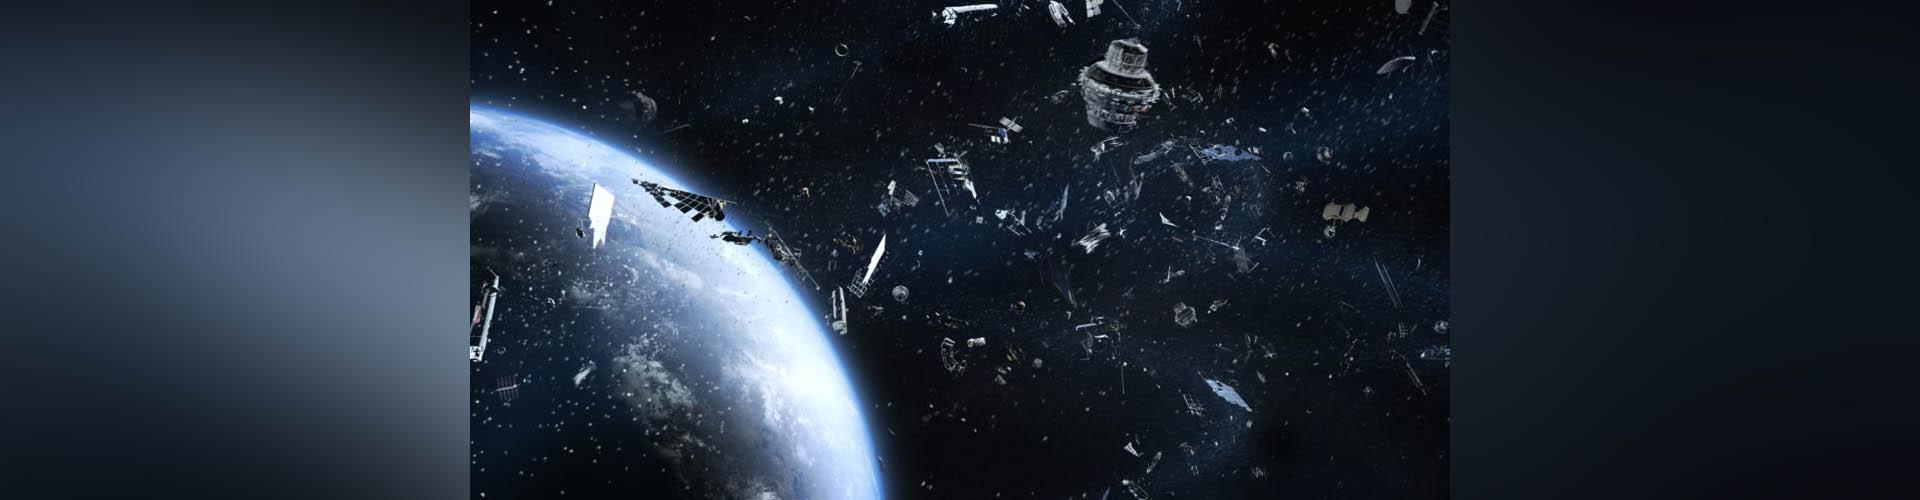 """(VIDEO)  Complejo de vigilancia espacial detecta """"aumento de la actividad espacial"""""""